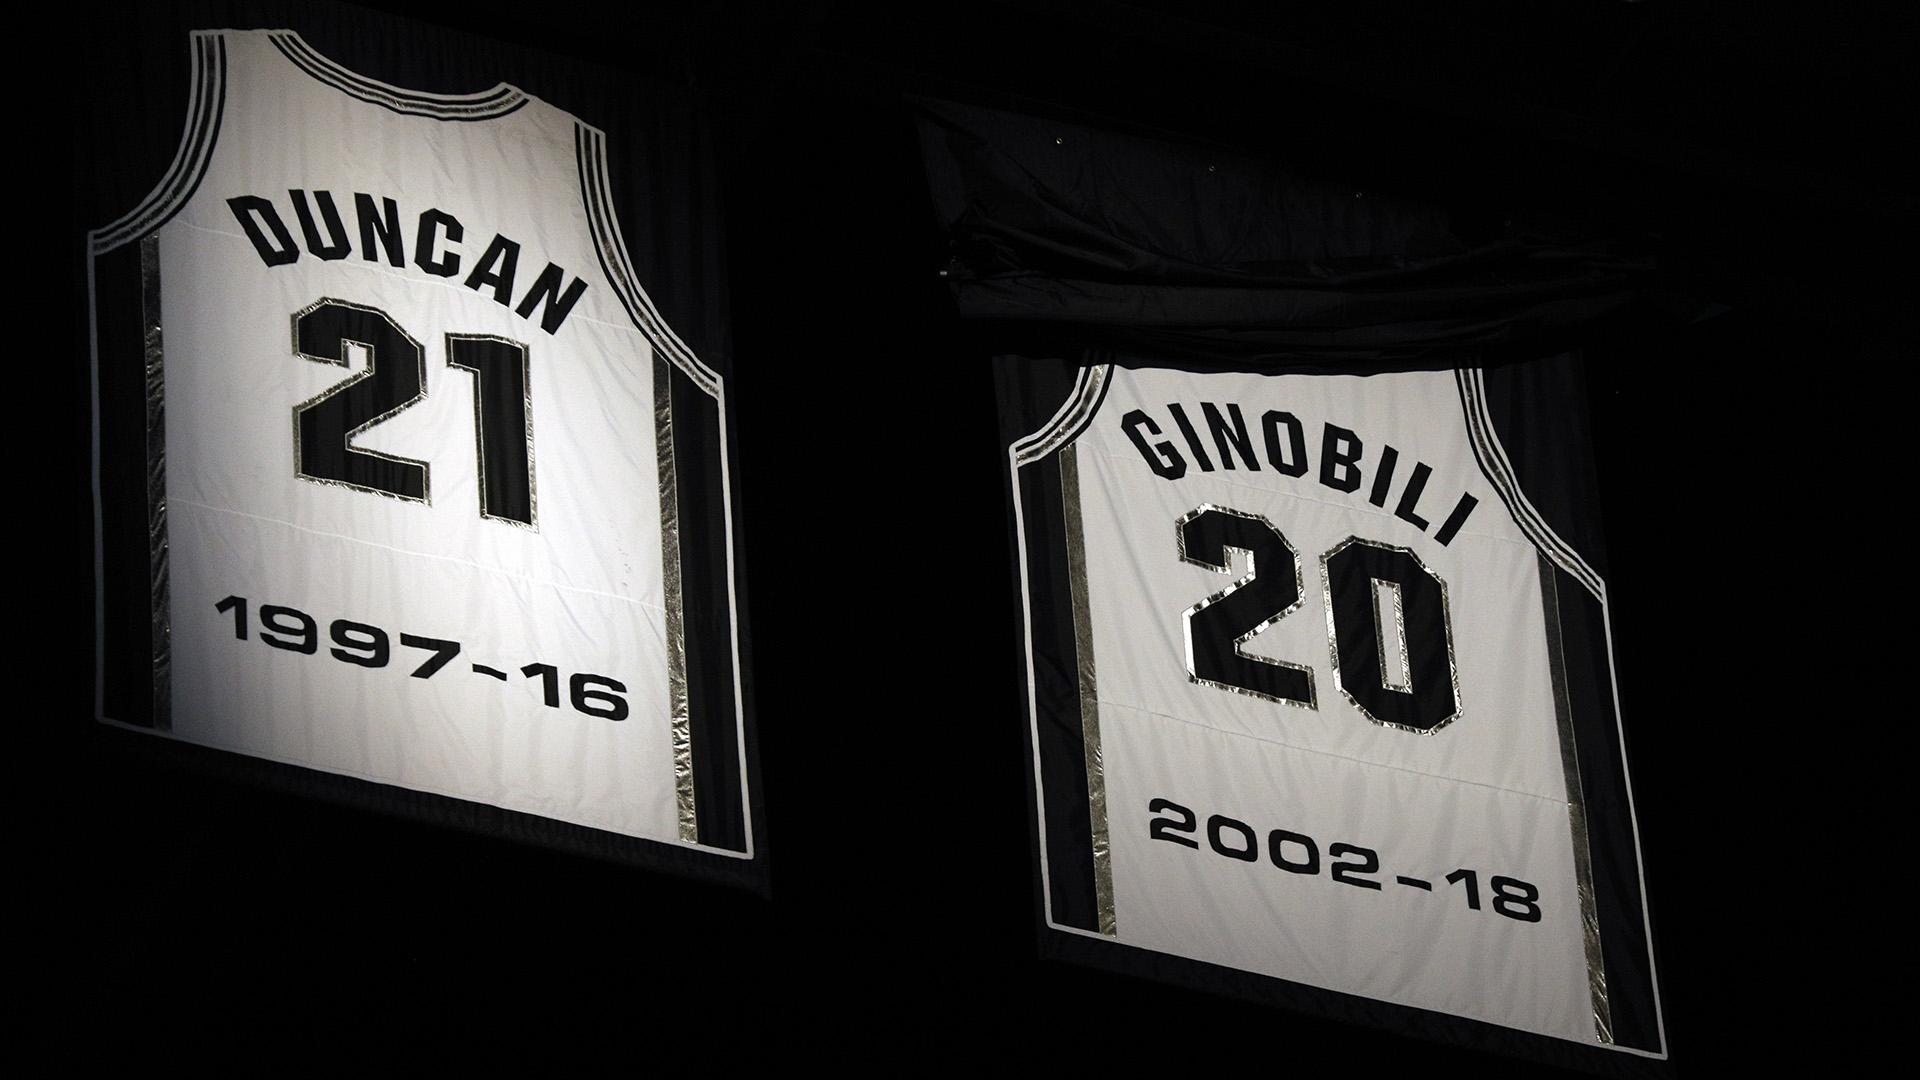 La camiseta del ex jugador de San Antonio Spurs, Manu Ginóbili, se dio a conocer durante una ceremonia de retiro en el AT&T Center después de un partido entre los Cleveland Cavaliers y los San Antonio Spurs